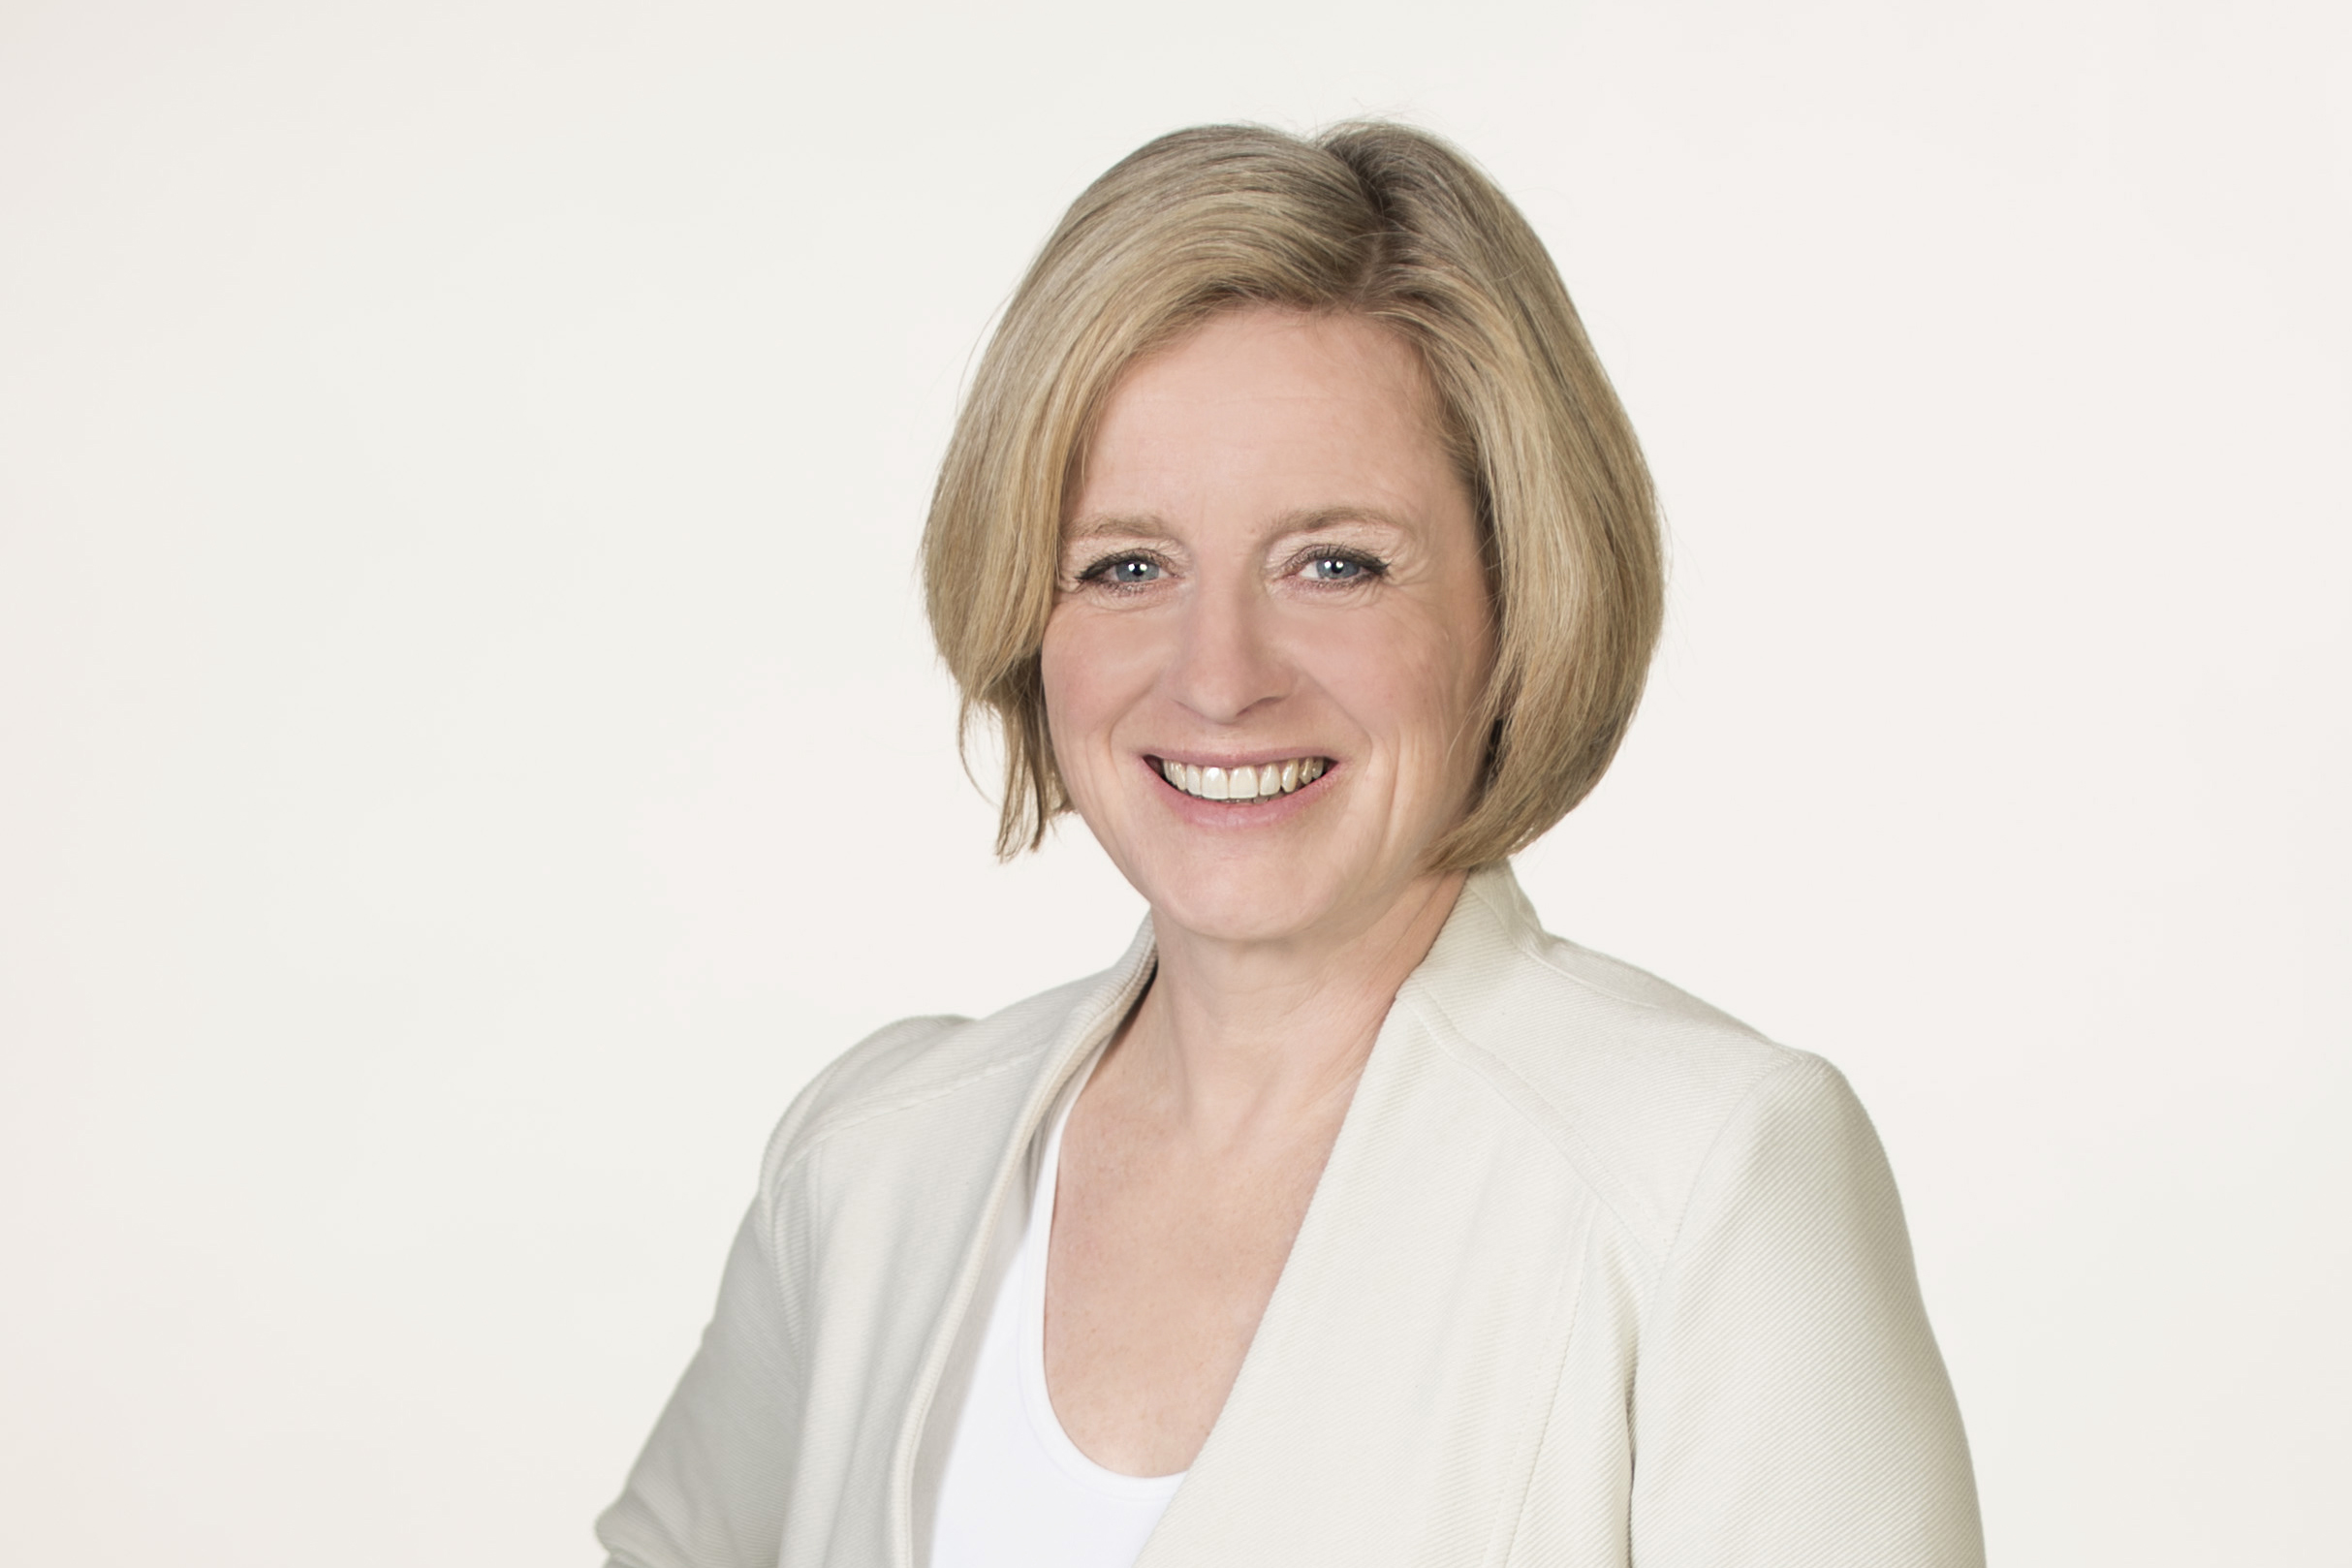 Official portrait of Premier Rachel Notley